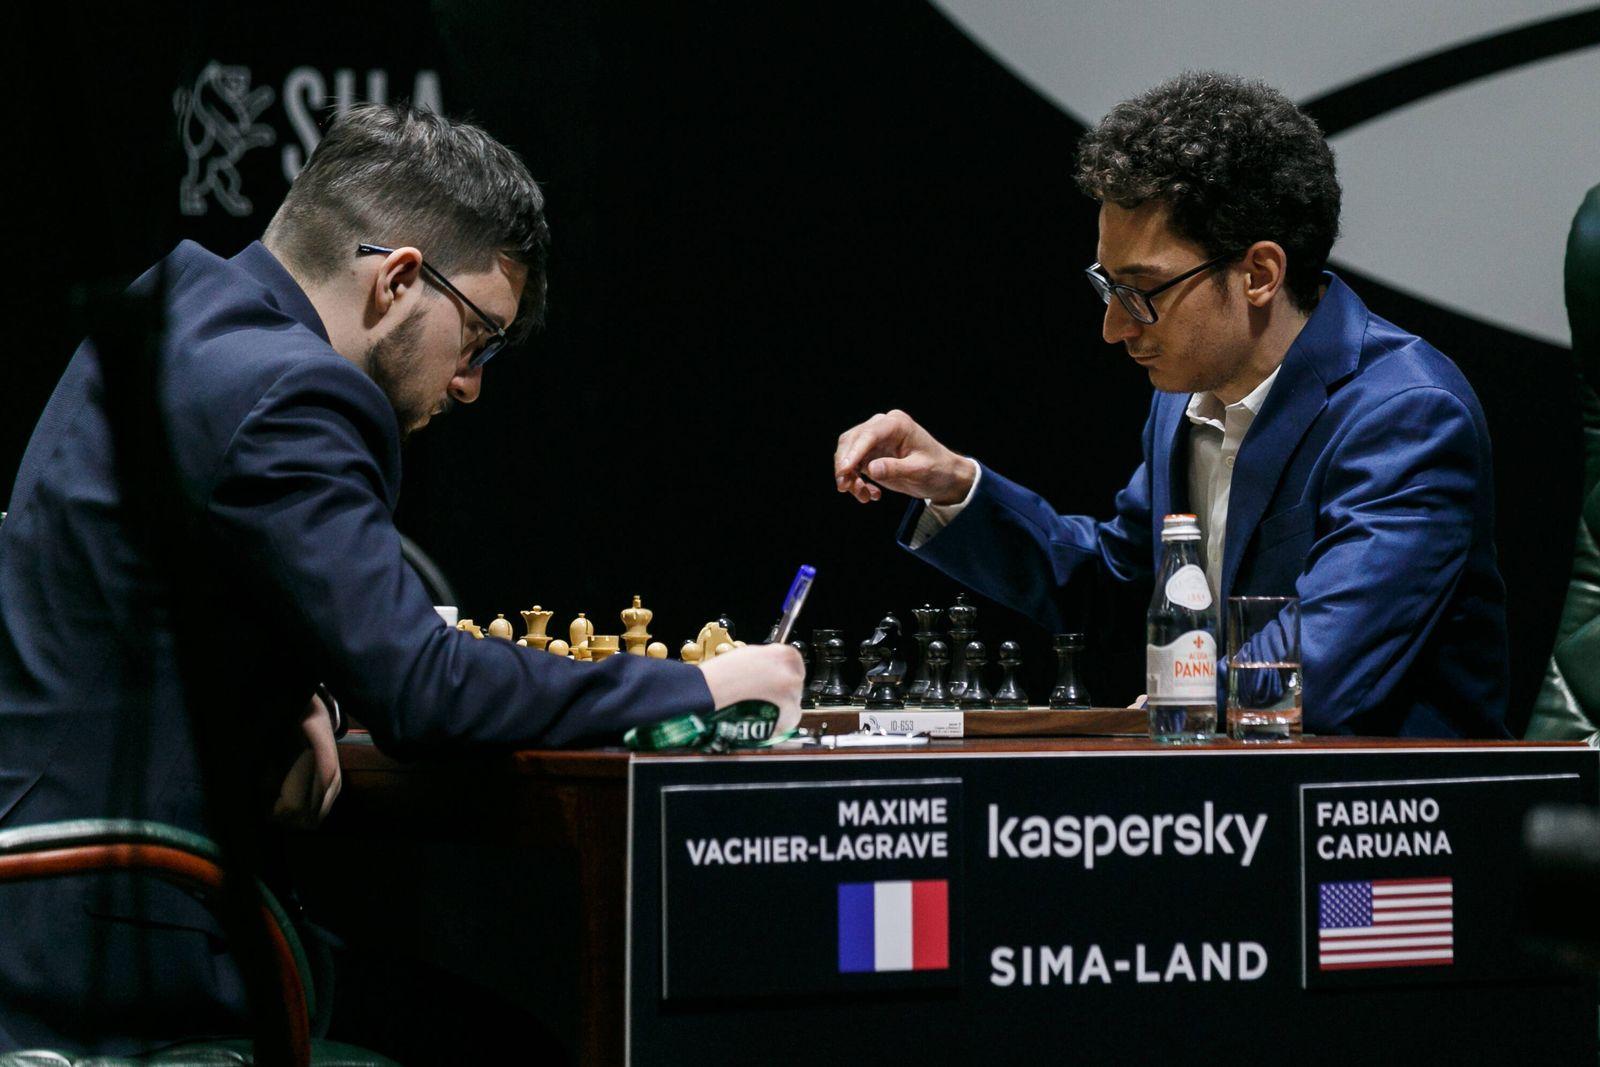 EINMALIGE VERWENDUNG Maxime Vachier-Lagrave / Fabiano Caruana